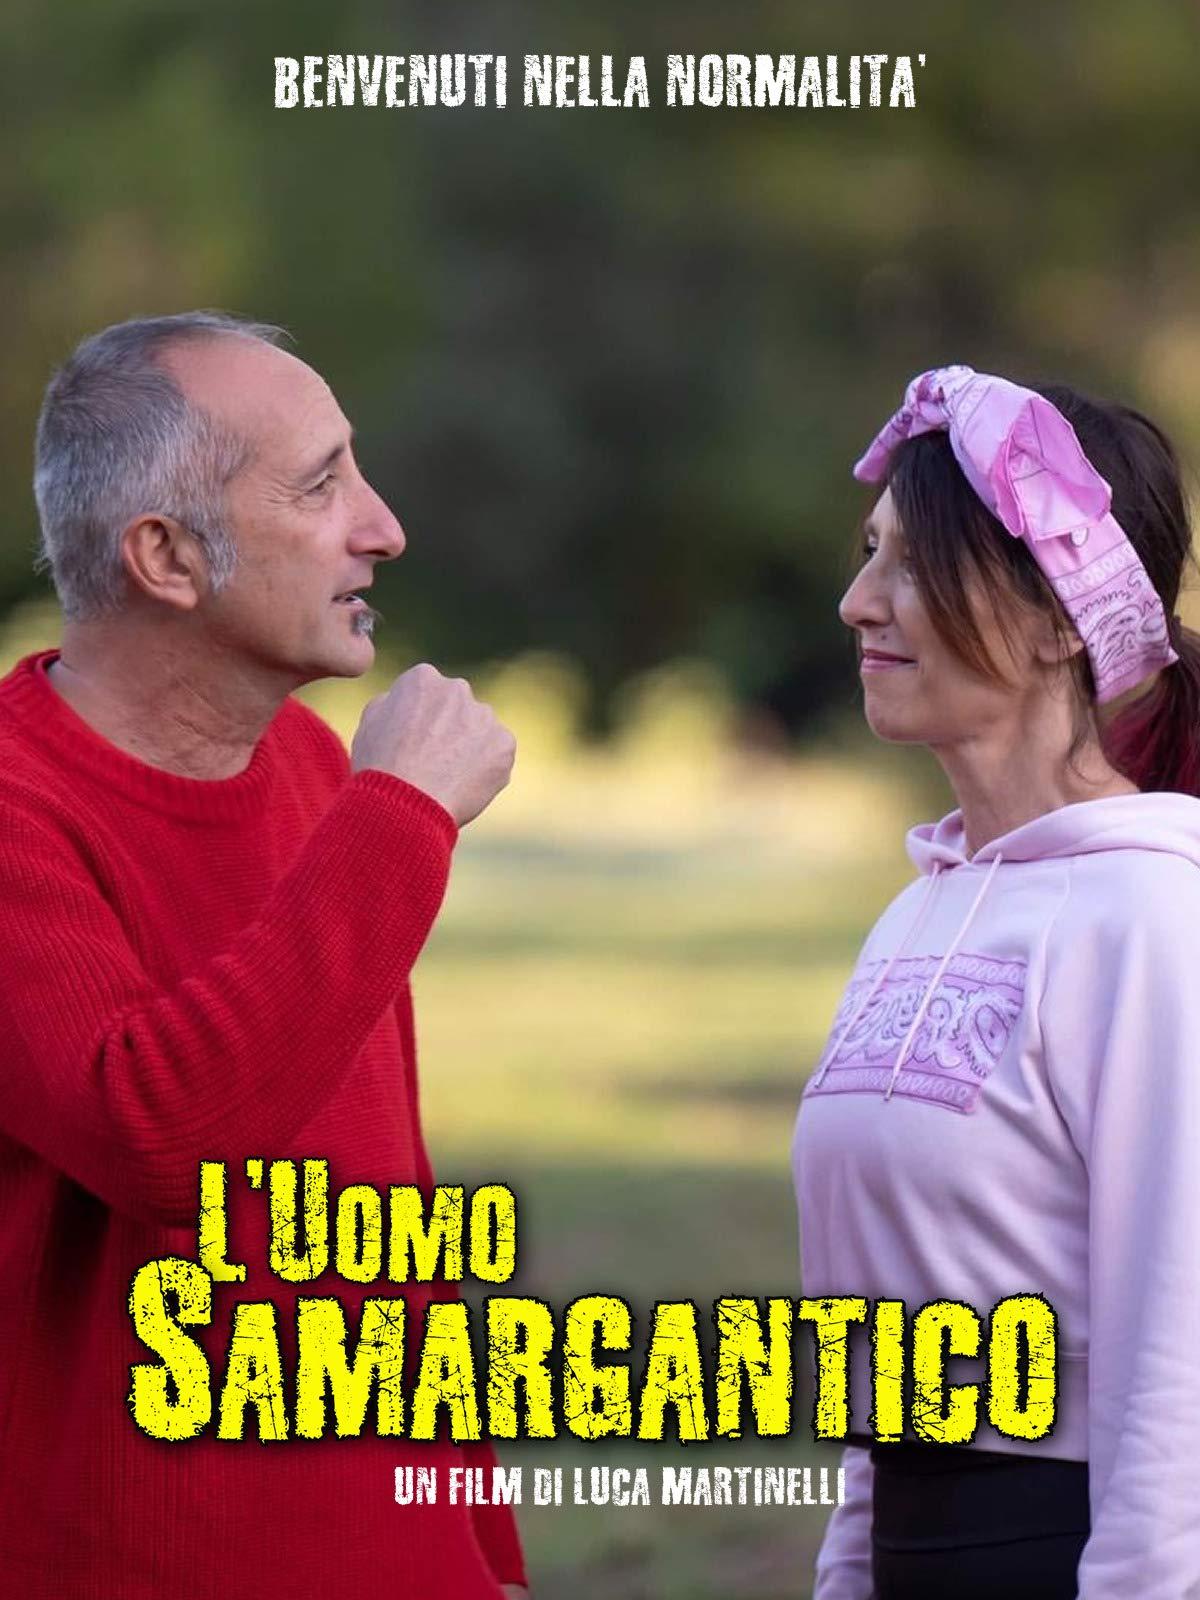 The samargantic man